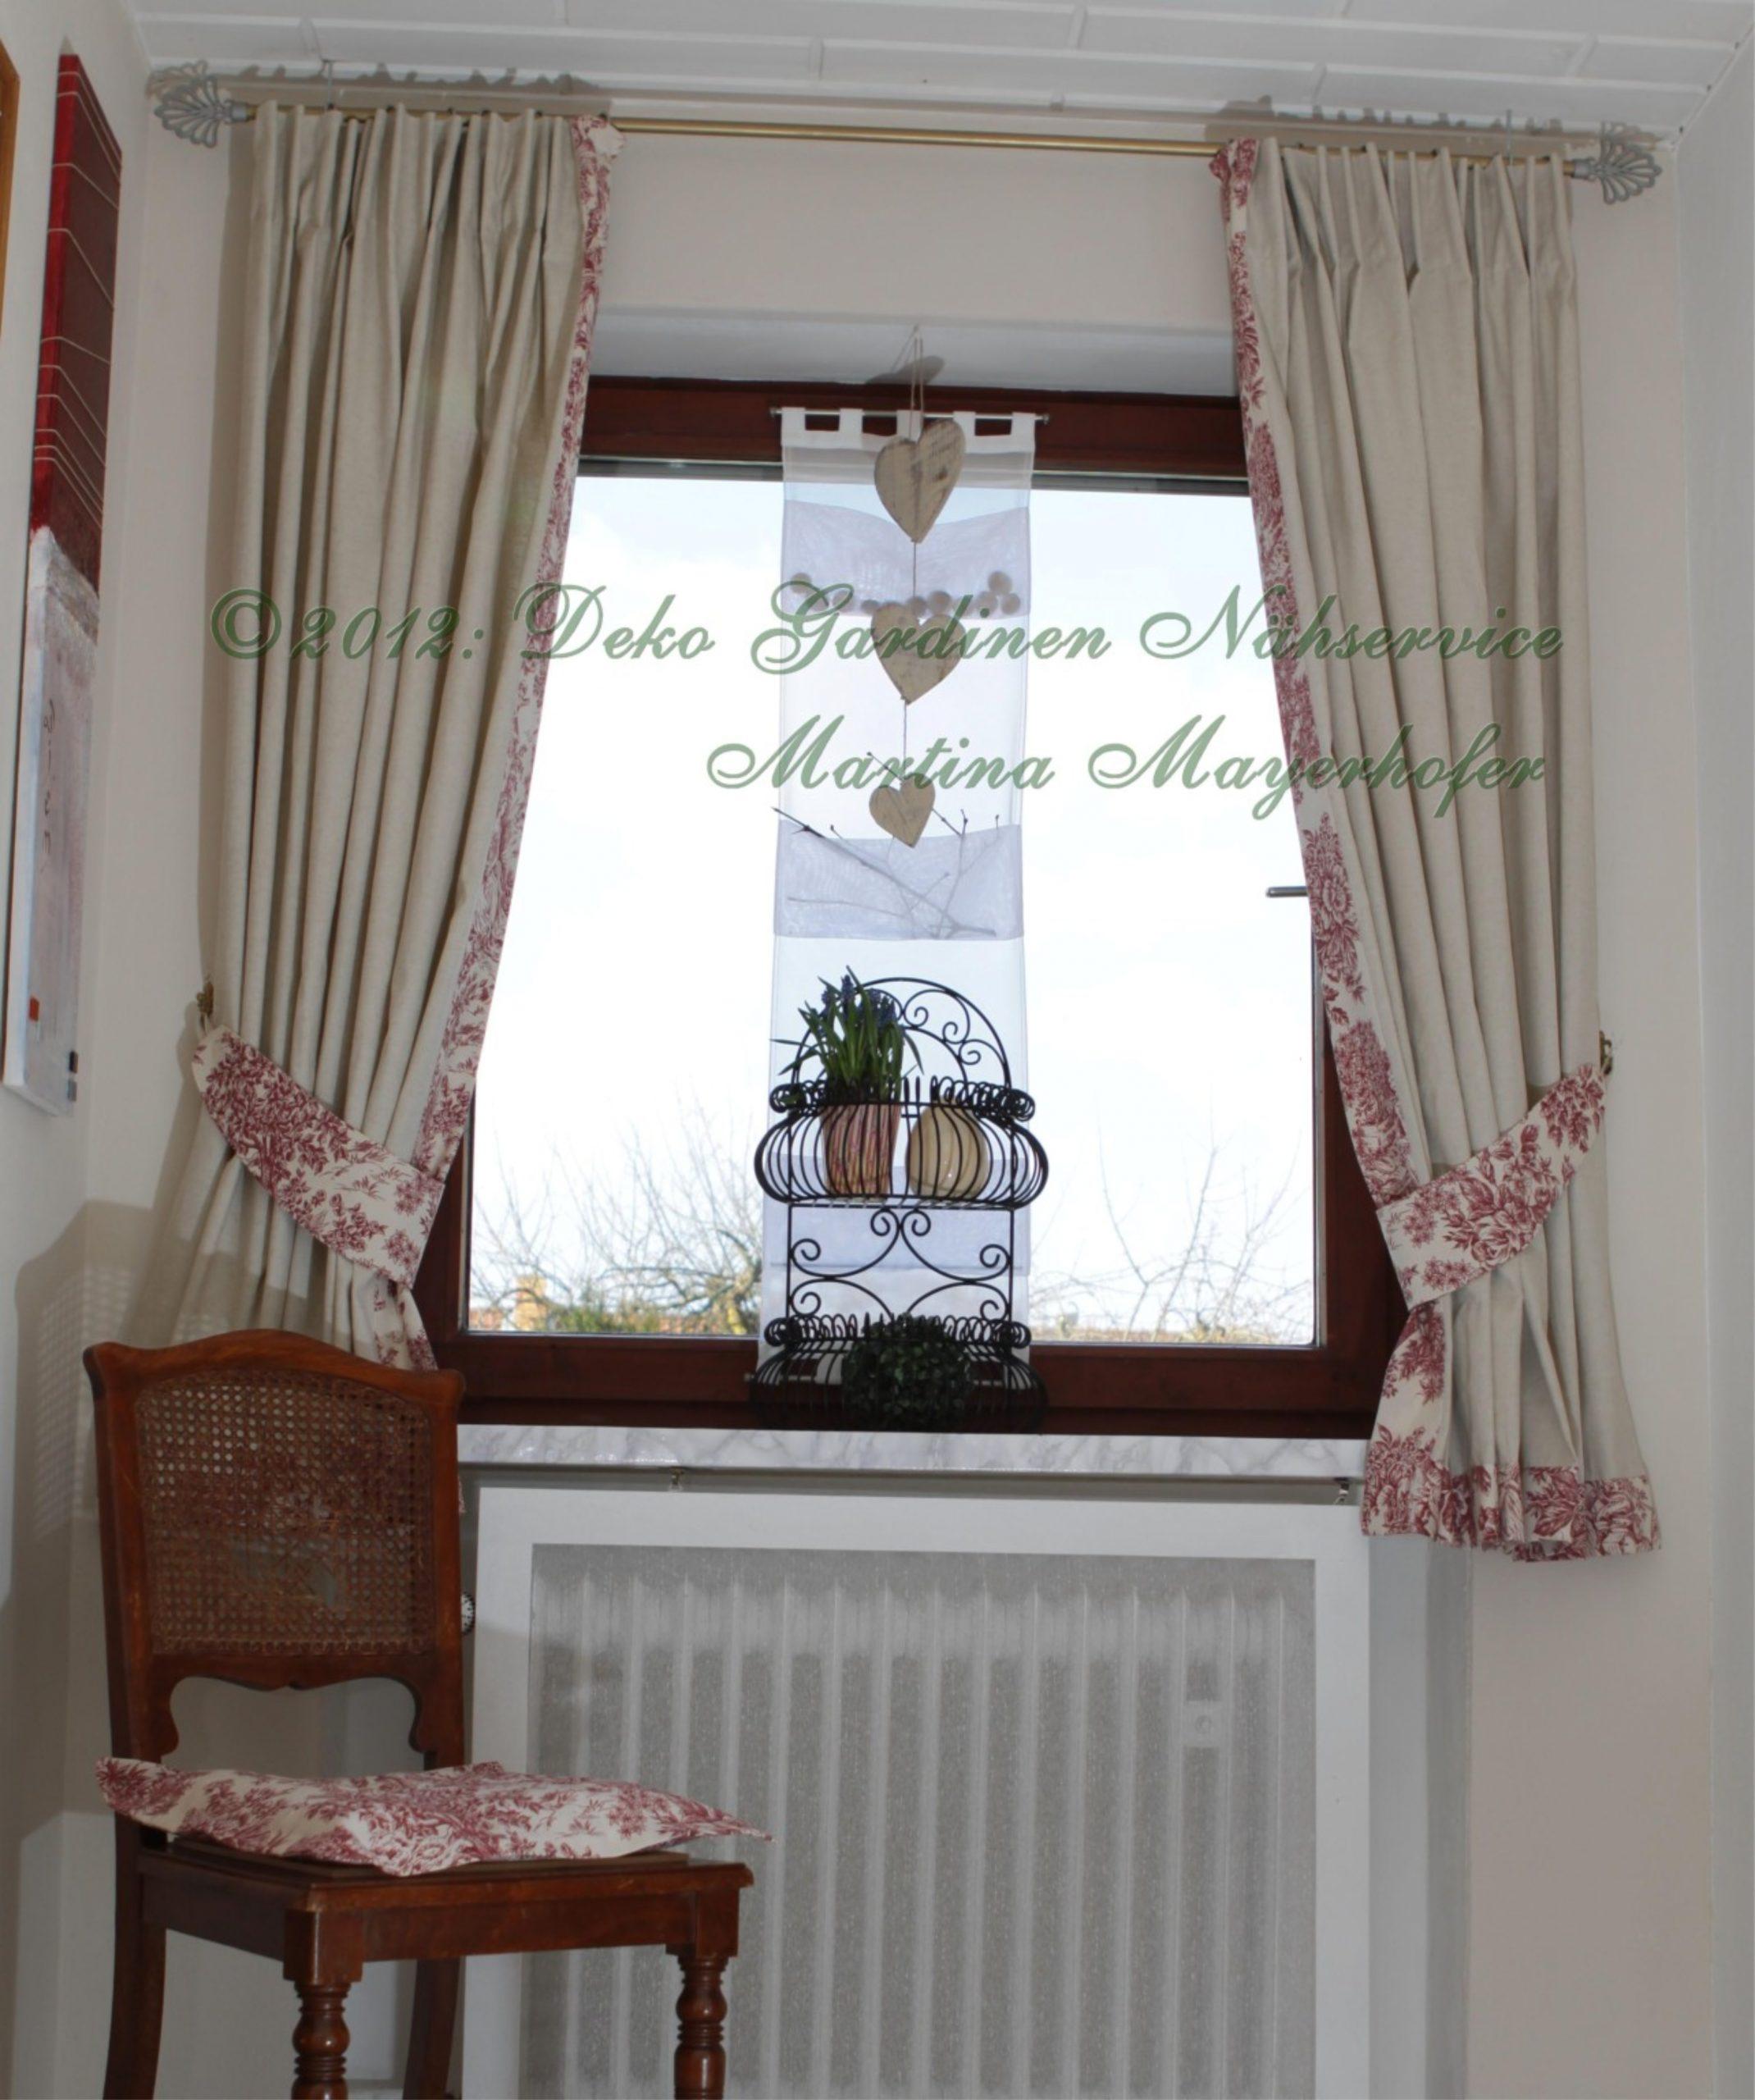 Full Size of Fensterdekoration Gardinen Beispiele Deko Nhservice Allershausen Mayerhofer Für Wohnzimmer Scheibengardinen Küche Die Schlafzimmer Fenster Wohnzimmer Fensterdekoration Gardinen Beispiele